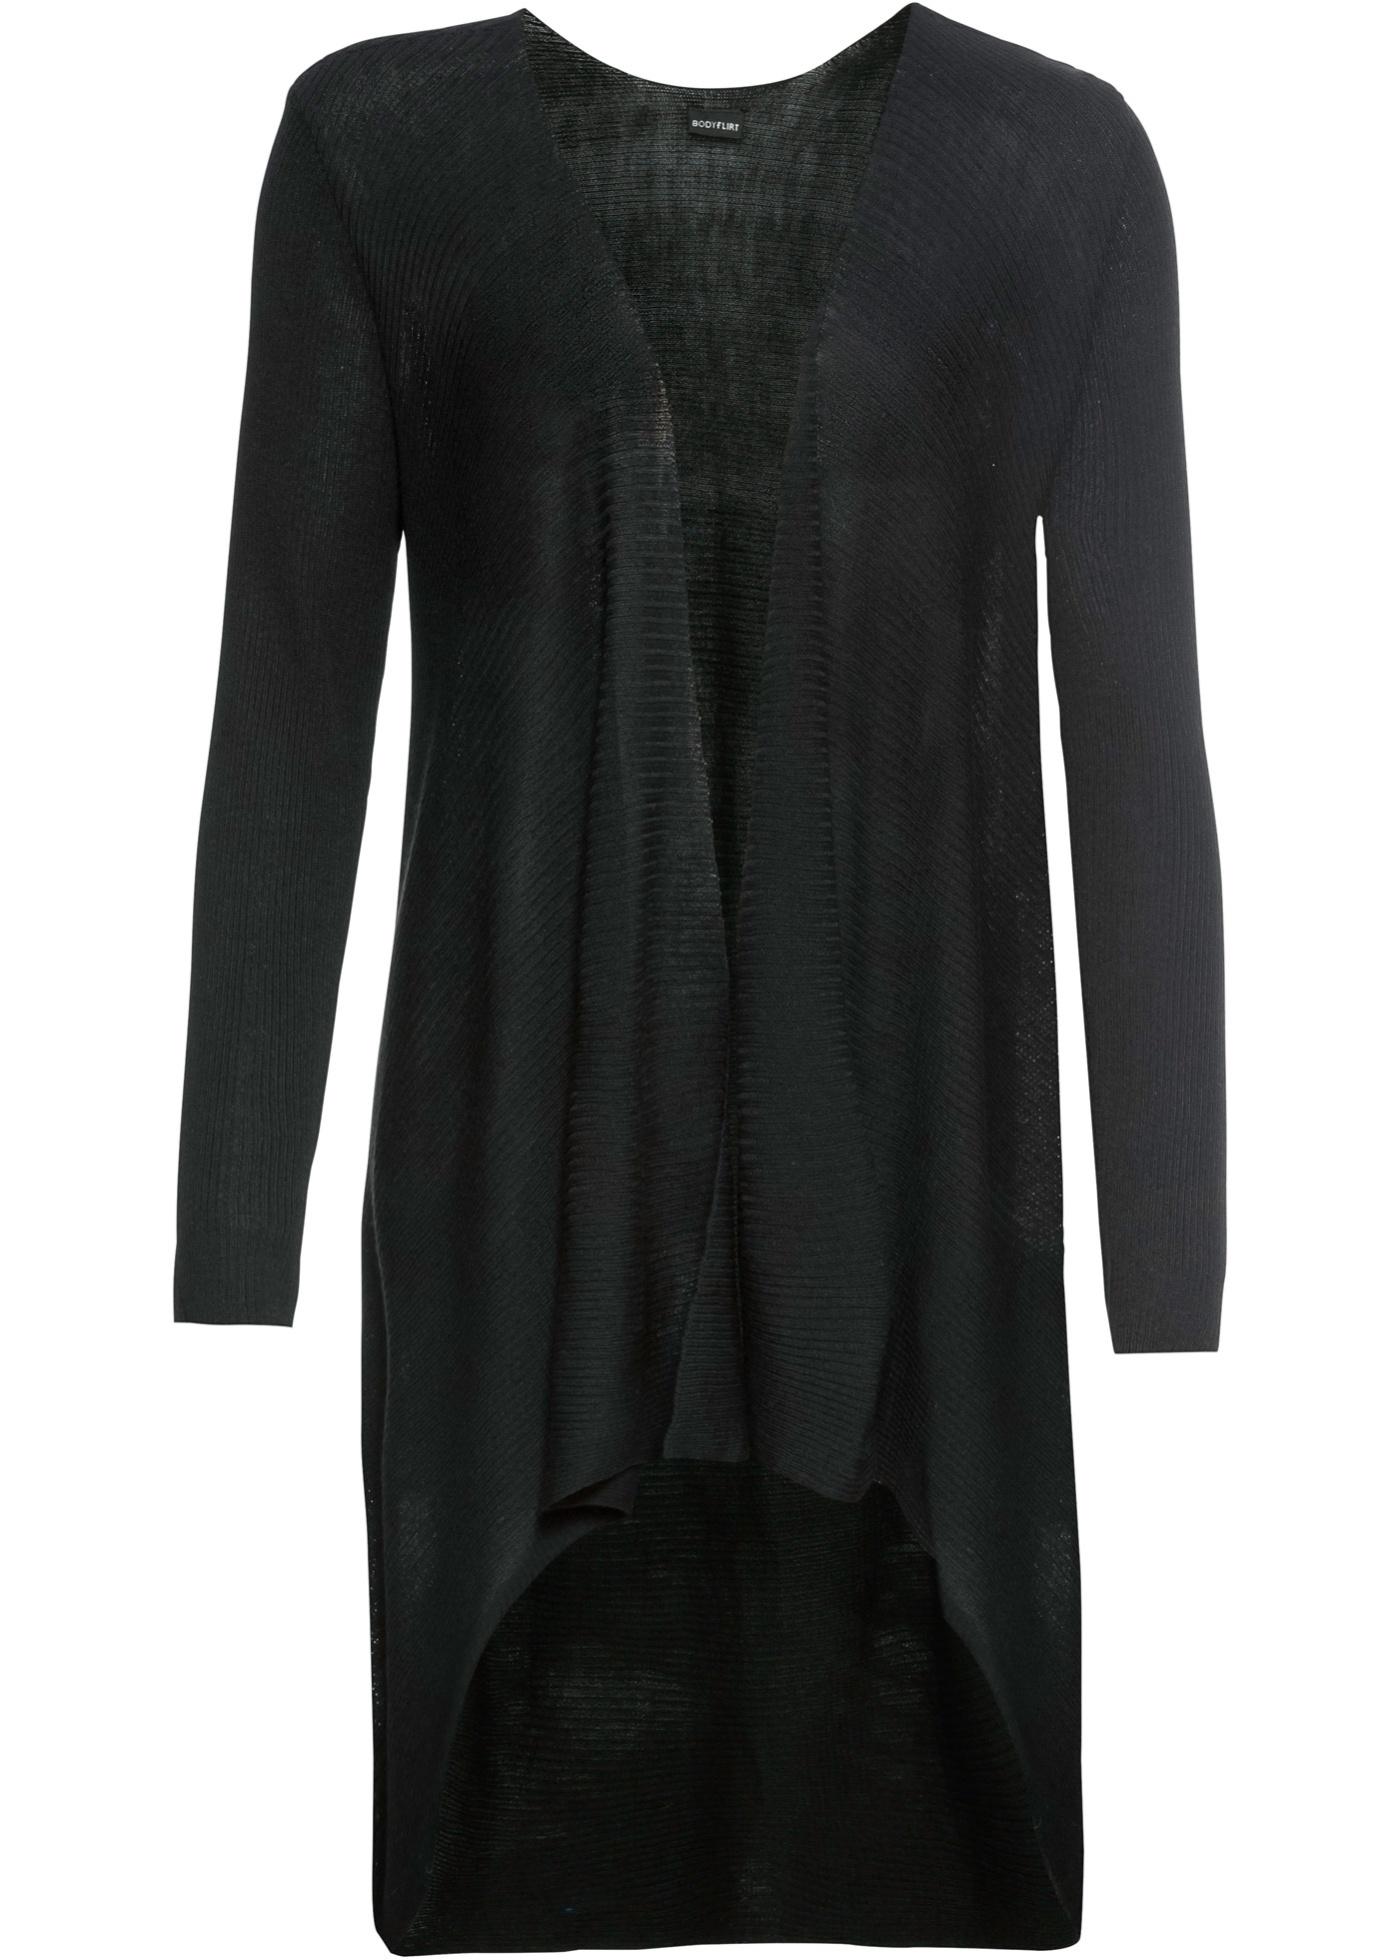 Maille Pour Bodyflirt Noir Longues Femme Long Manches BonprixGilet En qSUGMpzV